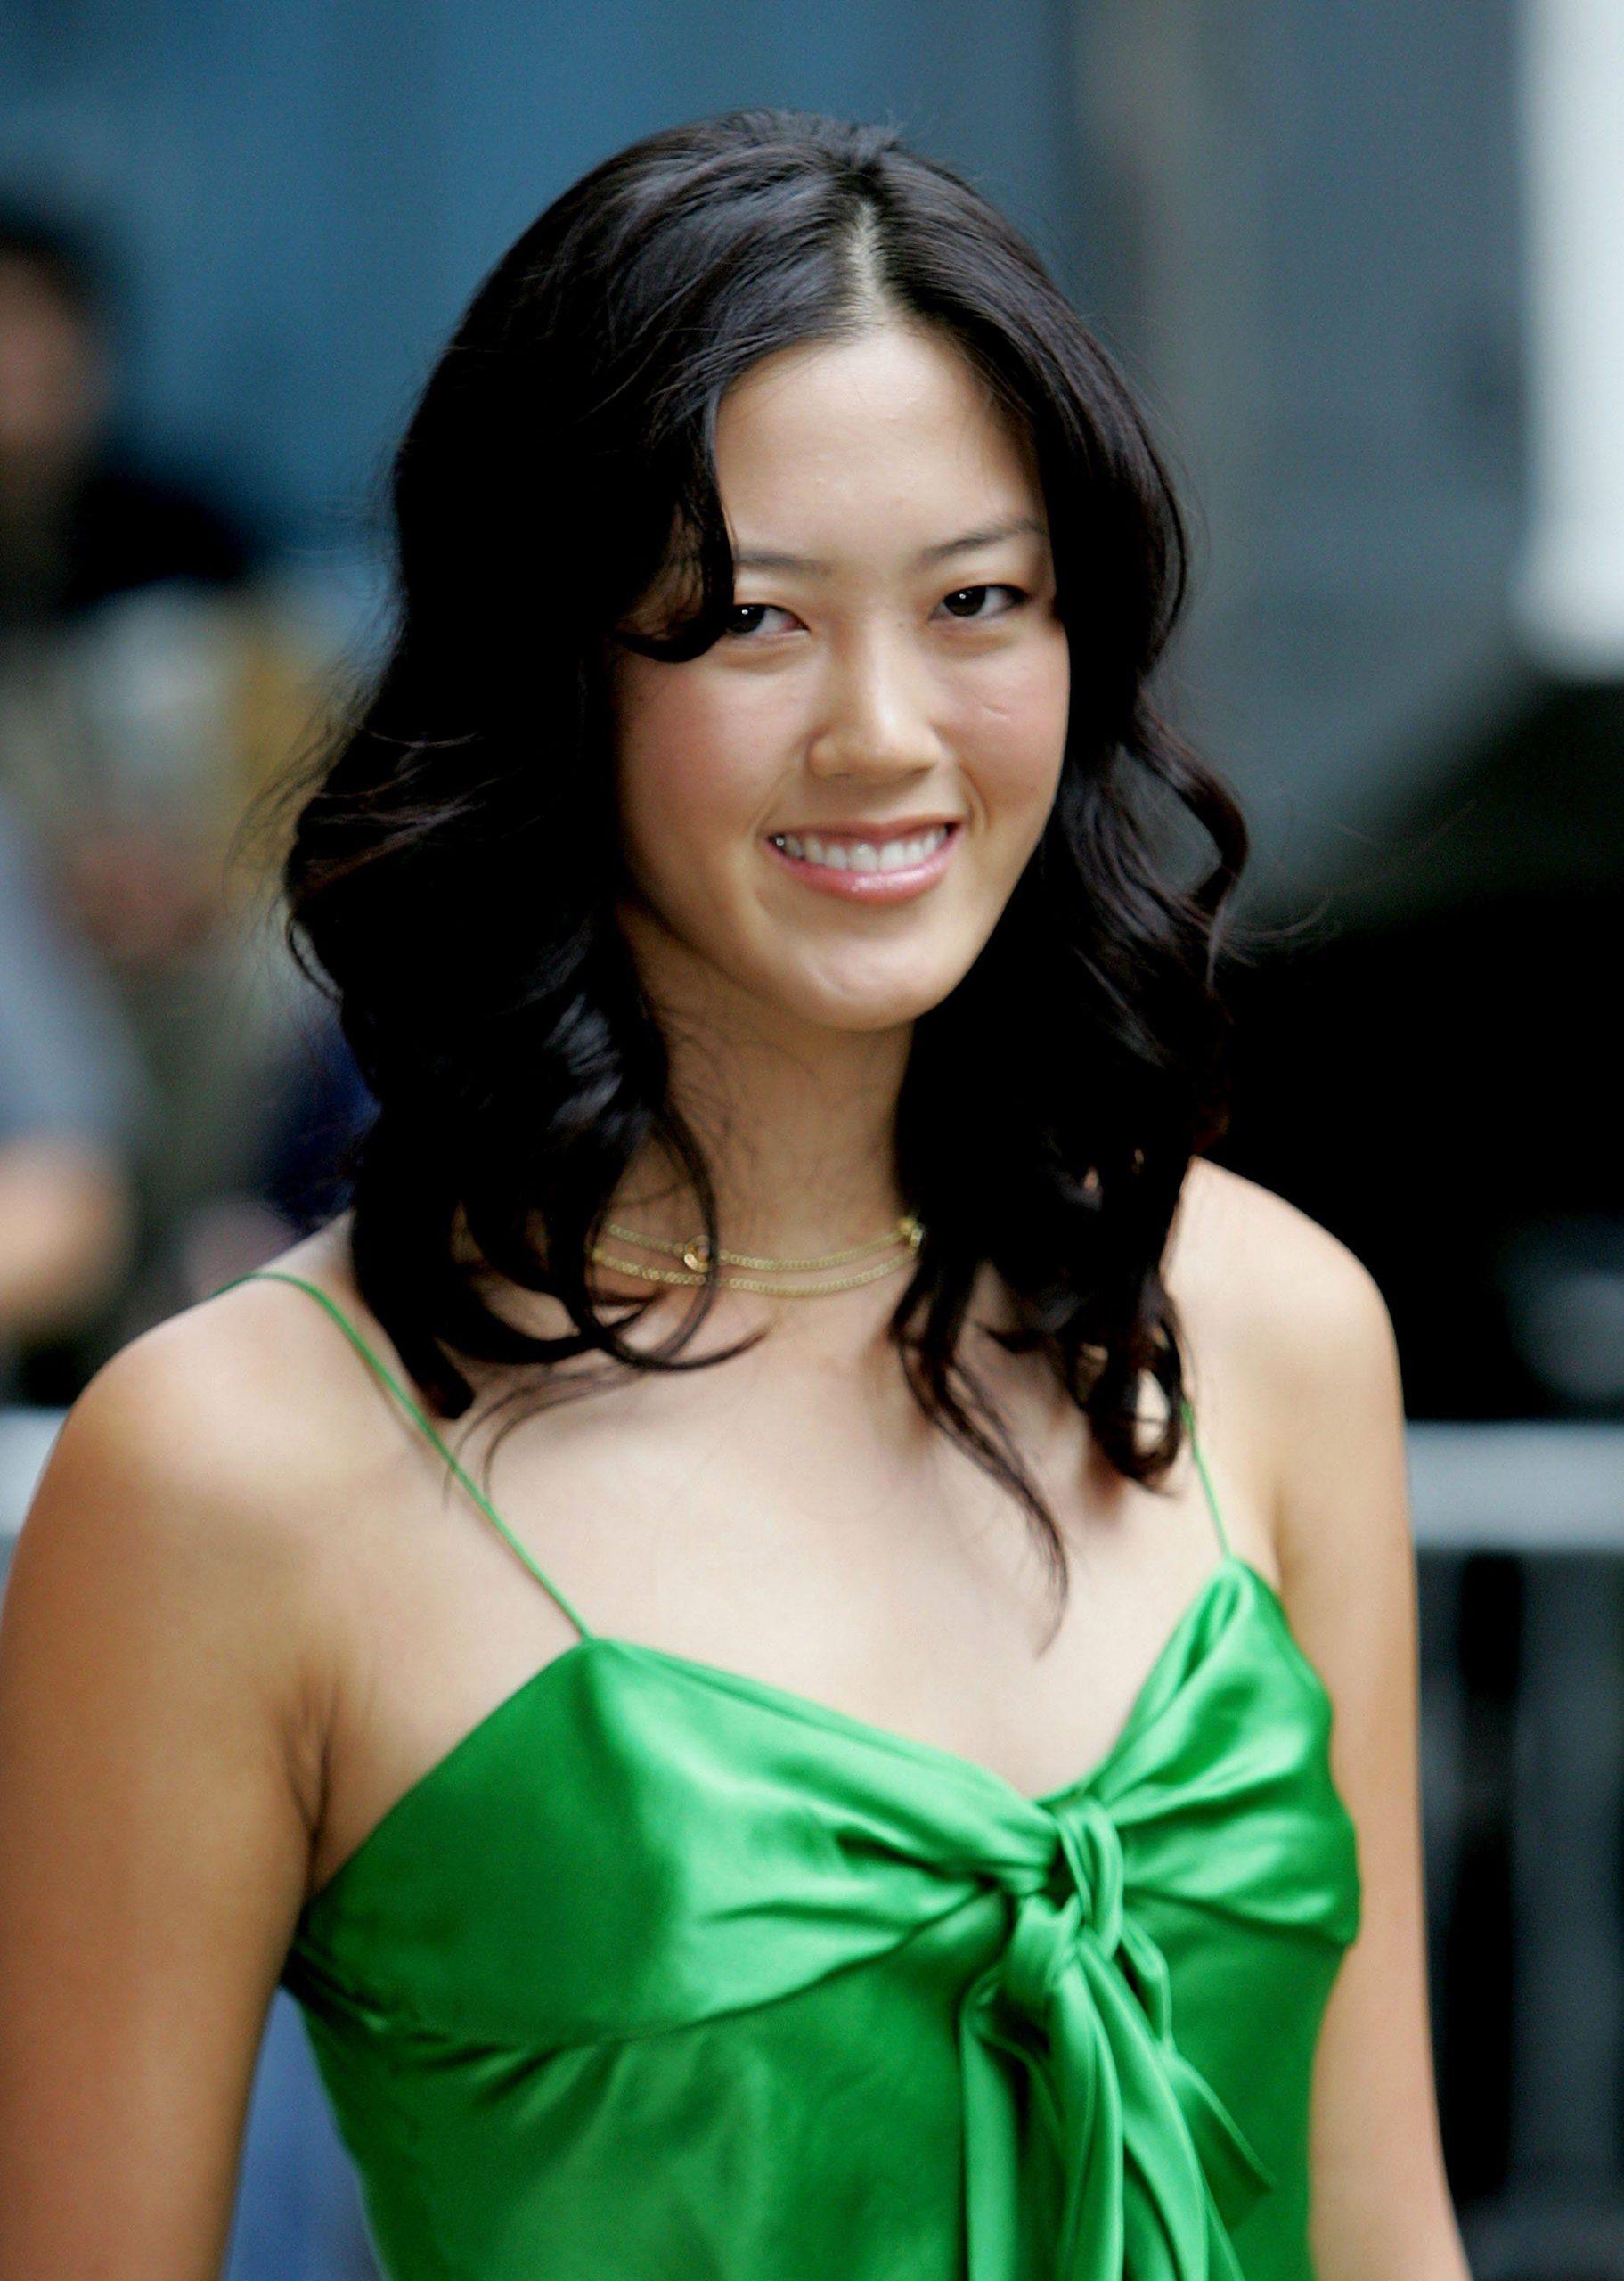 Michelle Wie hot photo